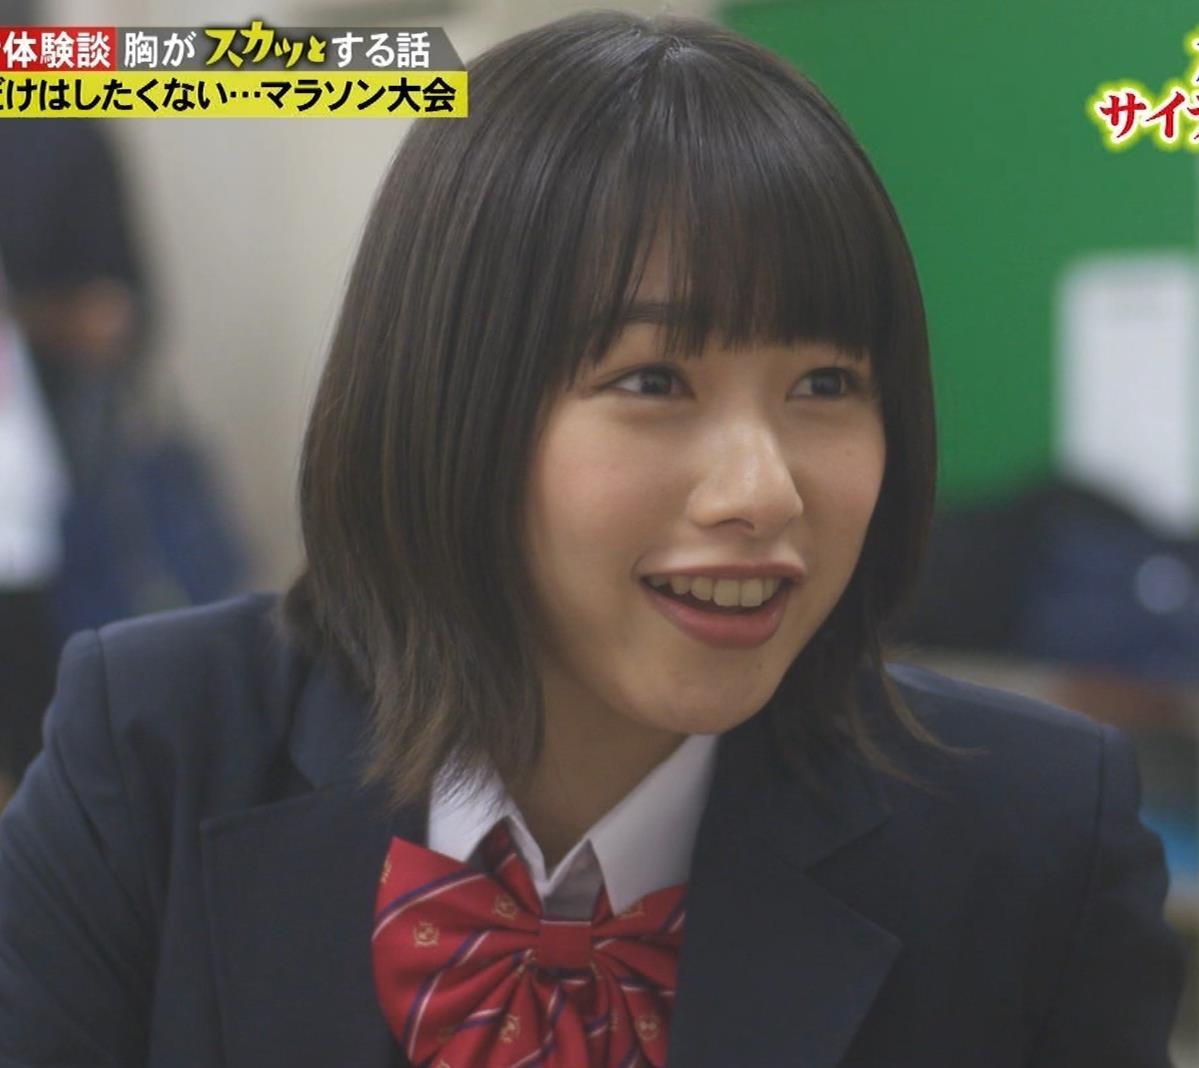 桜井日奈子 (女子高生役)体操服で脚露出キャプ・エロ画像4